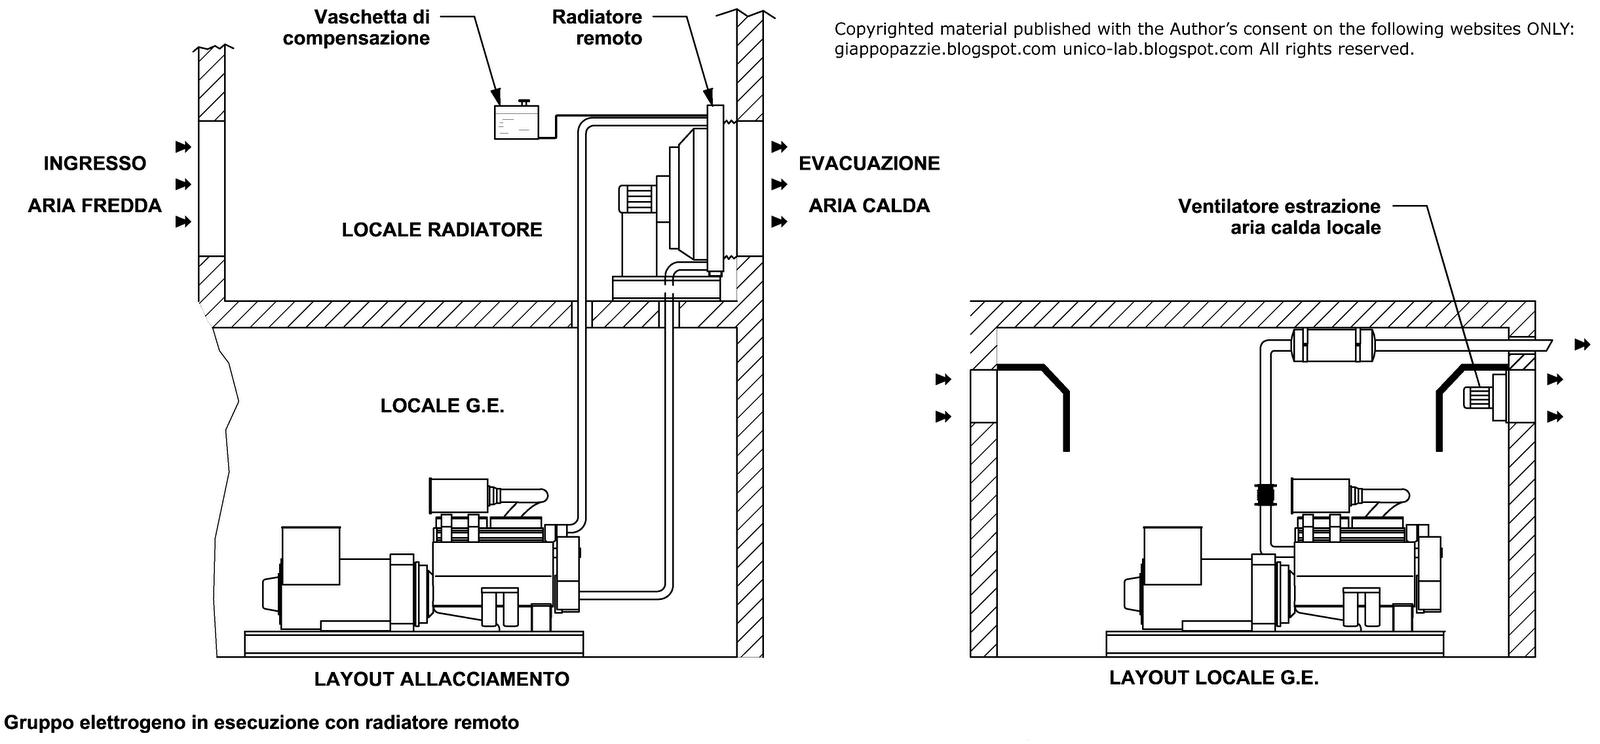 Schema Elettrico Di Un Gruppo Elettrogeno : Schema collegamento gruppo elettrogeno alla rete fare di